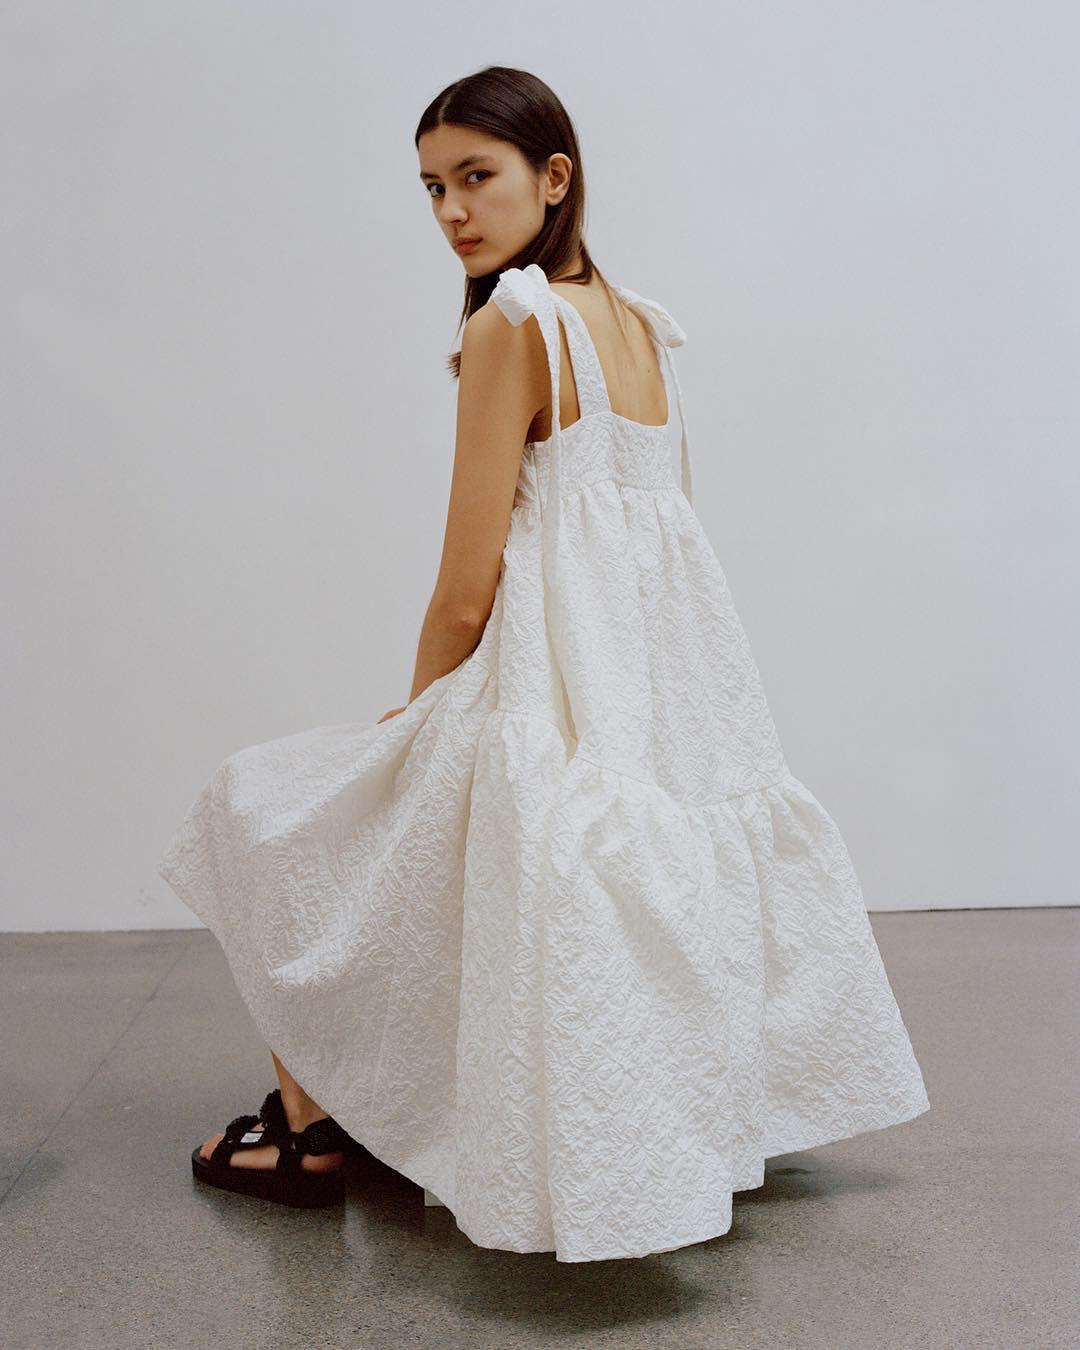 El clásico vestido blanco de verano añade un punto contemporáneo y sobrio a este estilo abiertamente femenino. (WGSN)